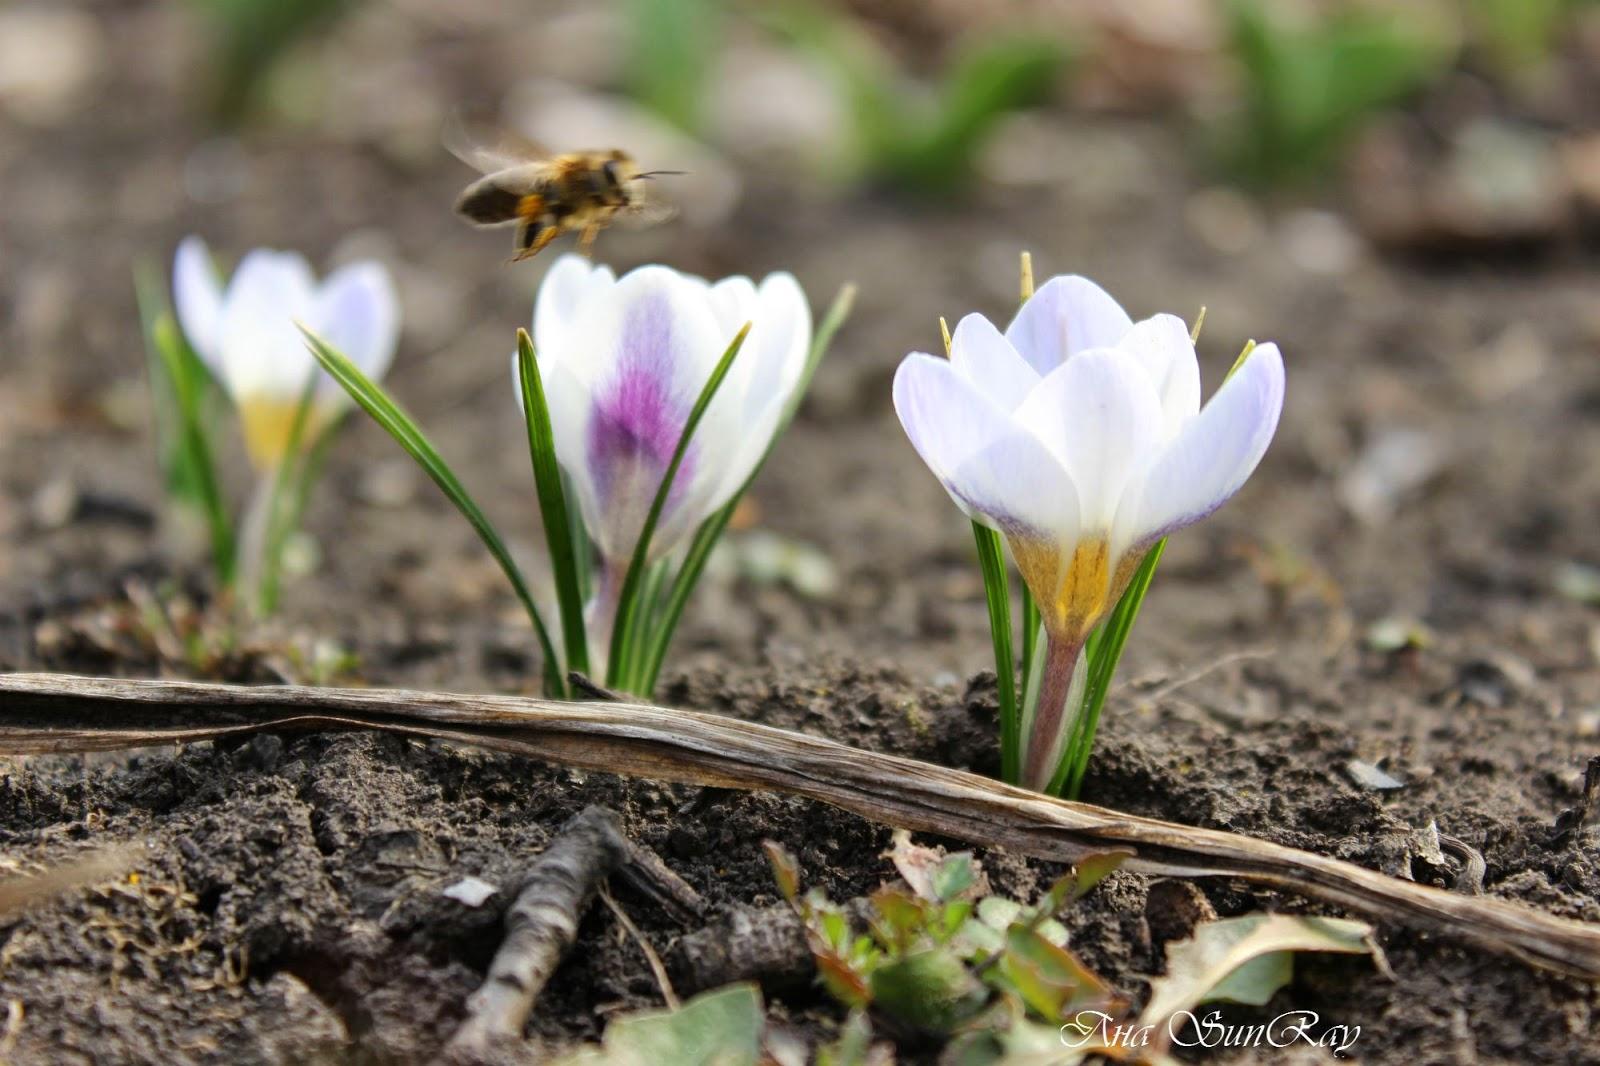 крокусы, первоцветы, пейзаж, весна, цветочки, первые цветы, весенний пейзаж